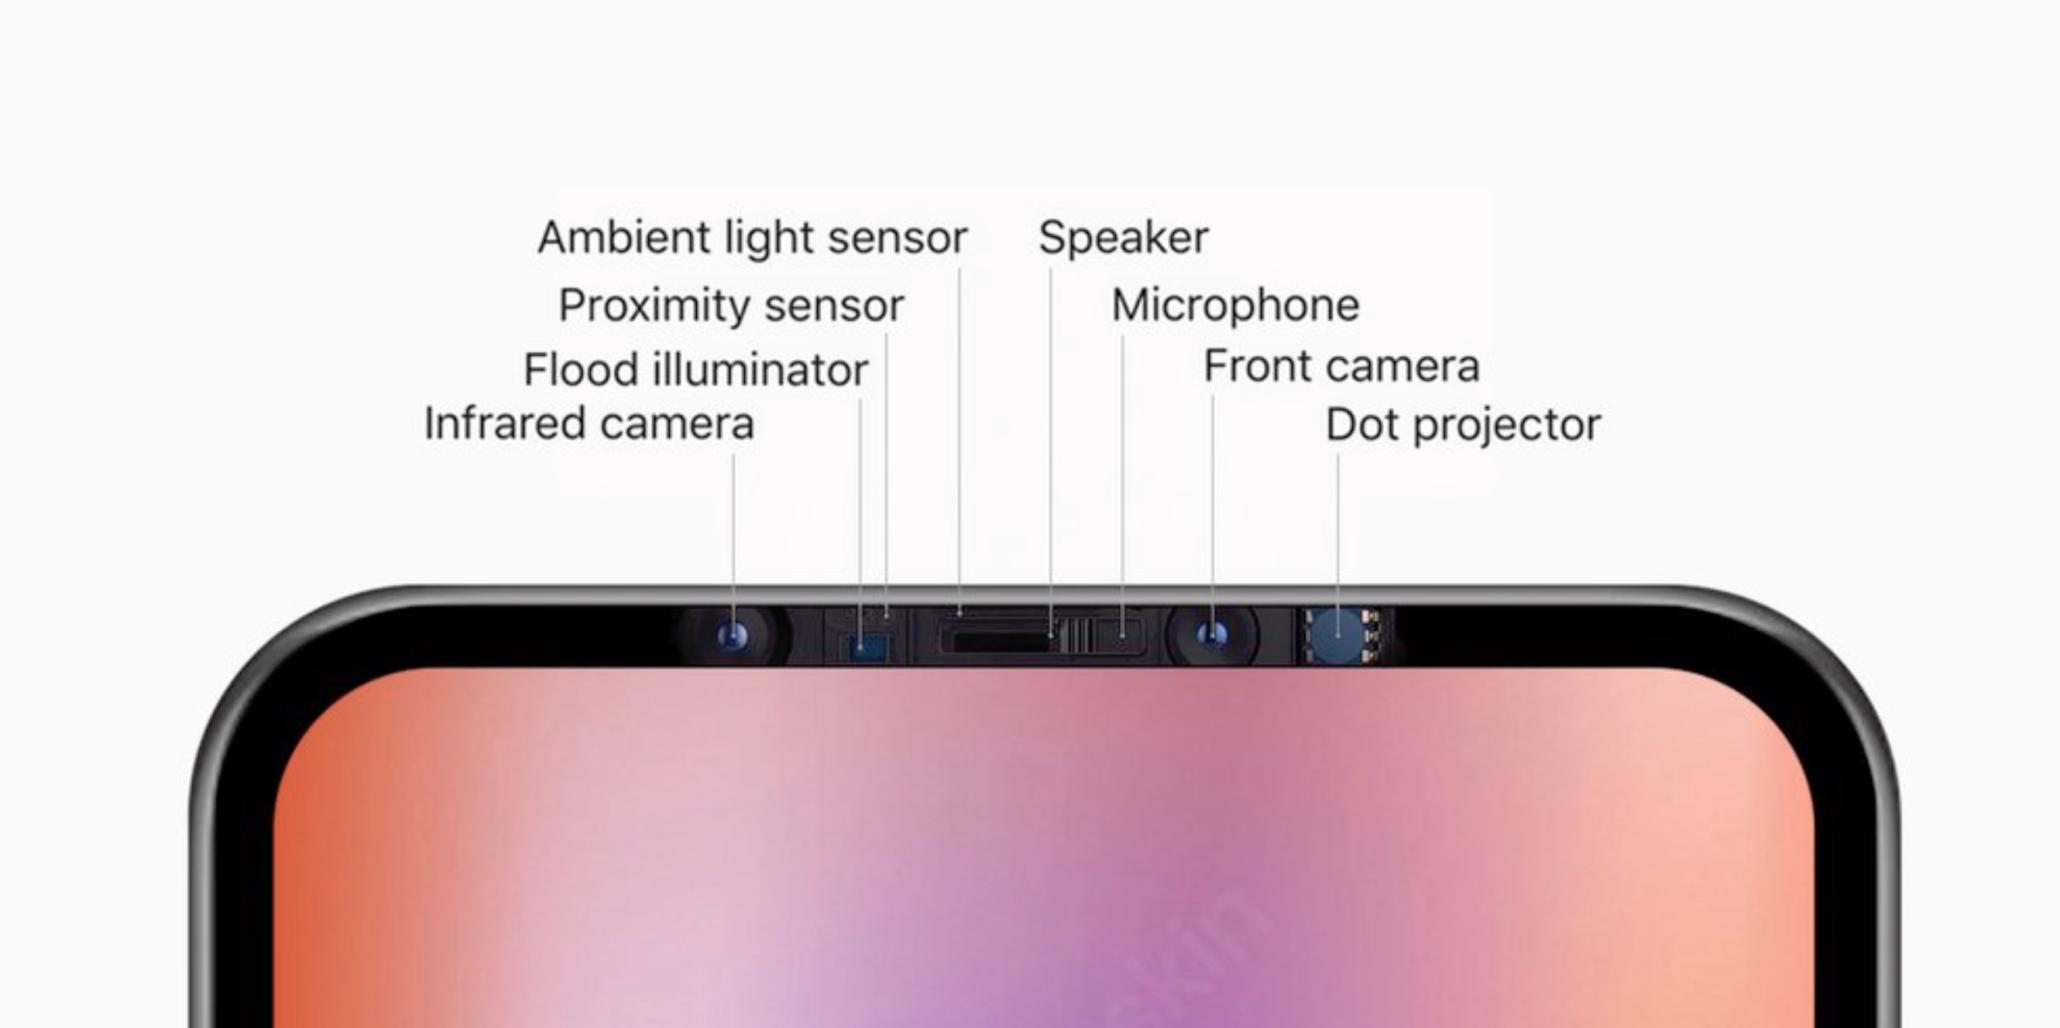 iPhone 12 Pro sẽ có màn hình 120Hz, cải thiện Face ID, chế độ chụp đêm Night Mode và chụp chân dung - Ảnh 3.